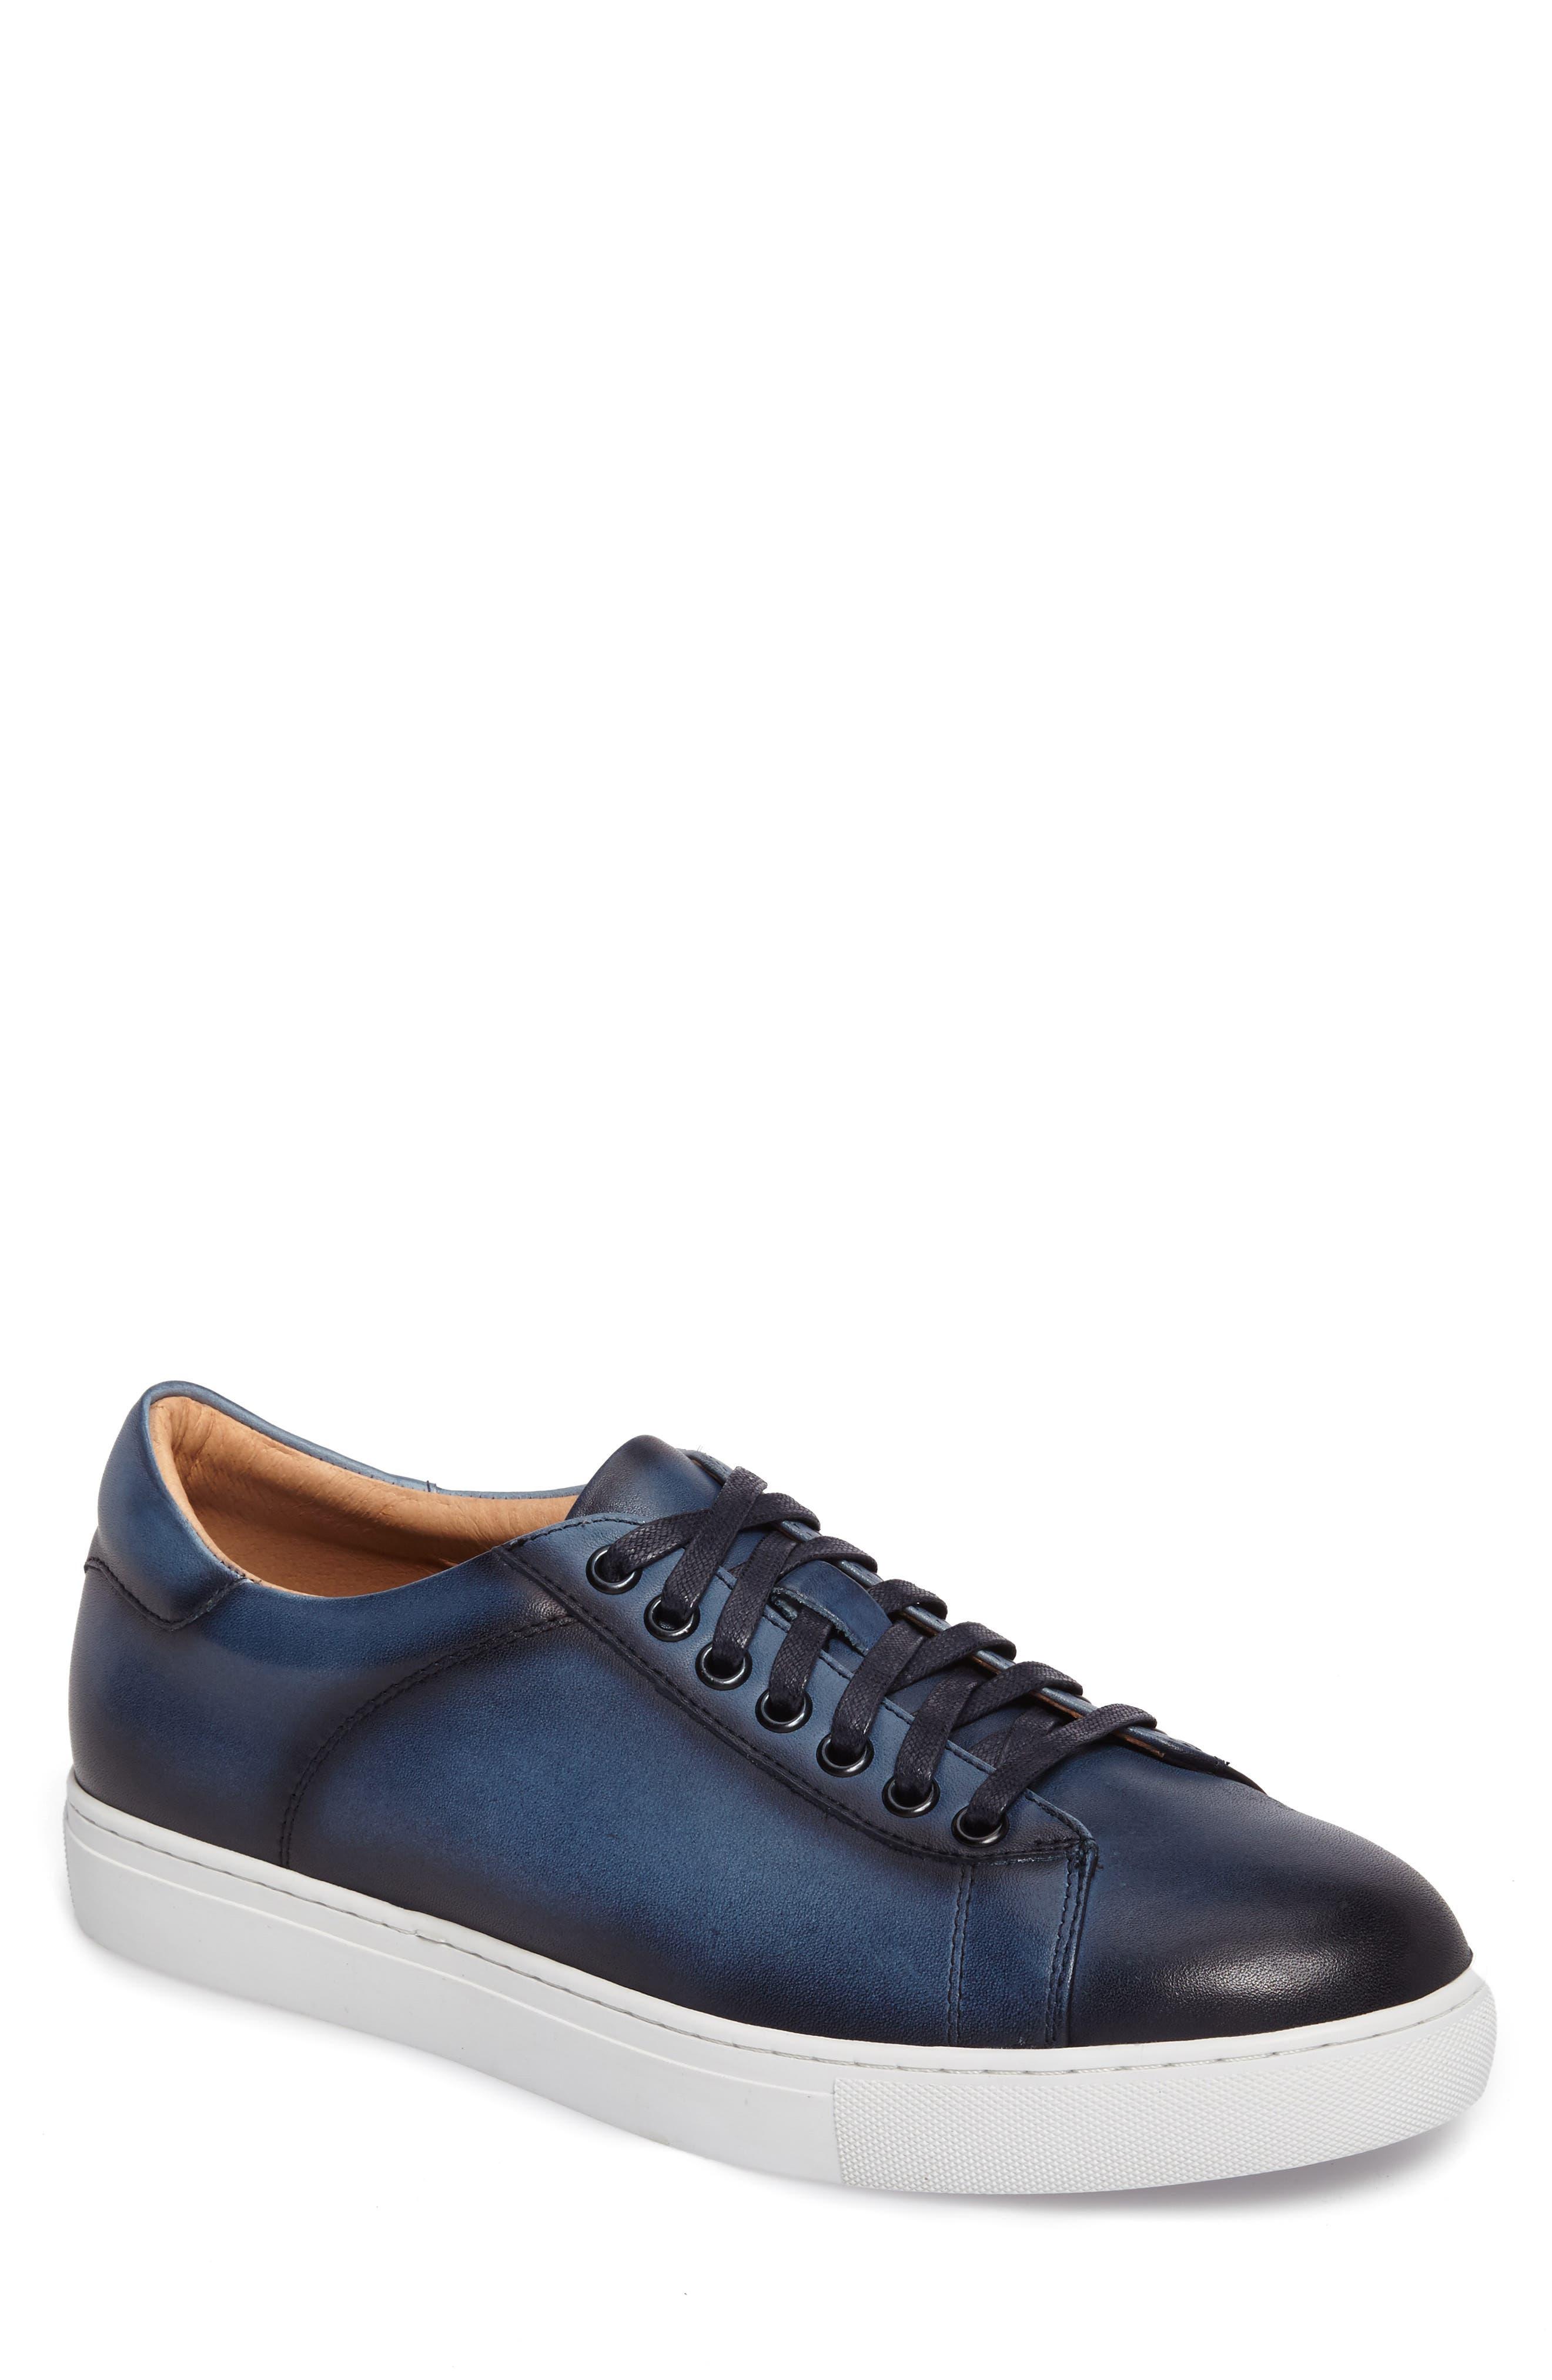 Penrose Sneaker,                         Main,                         color,